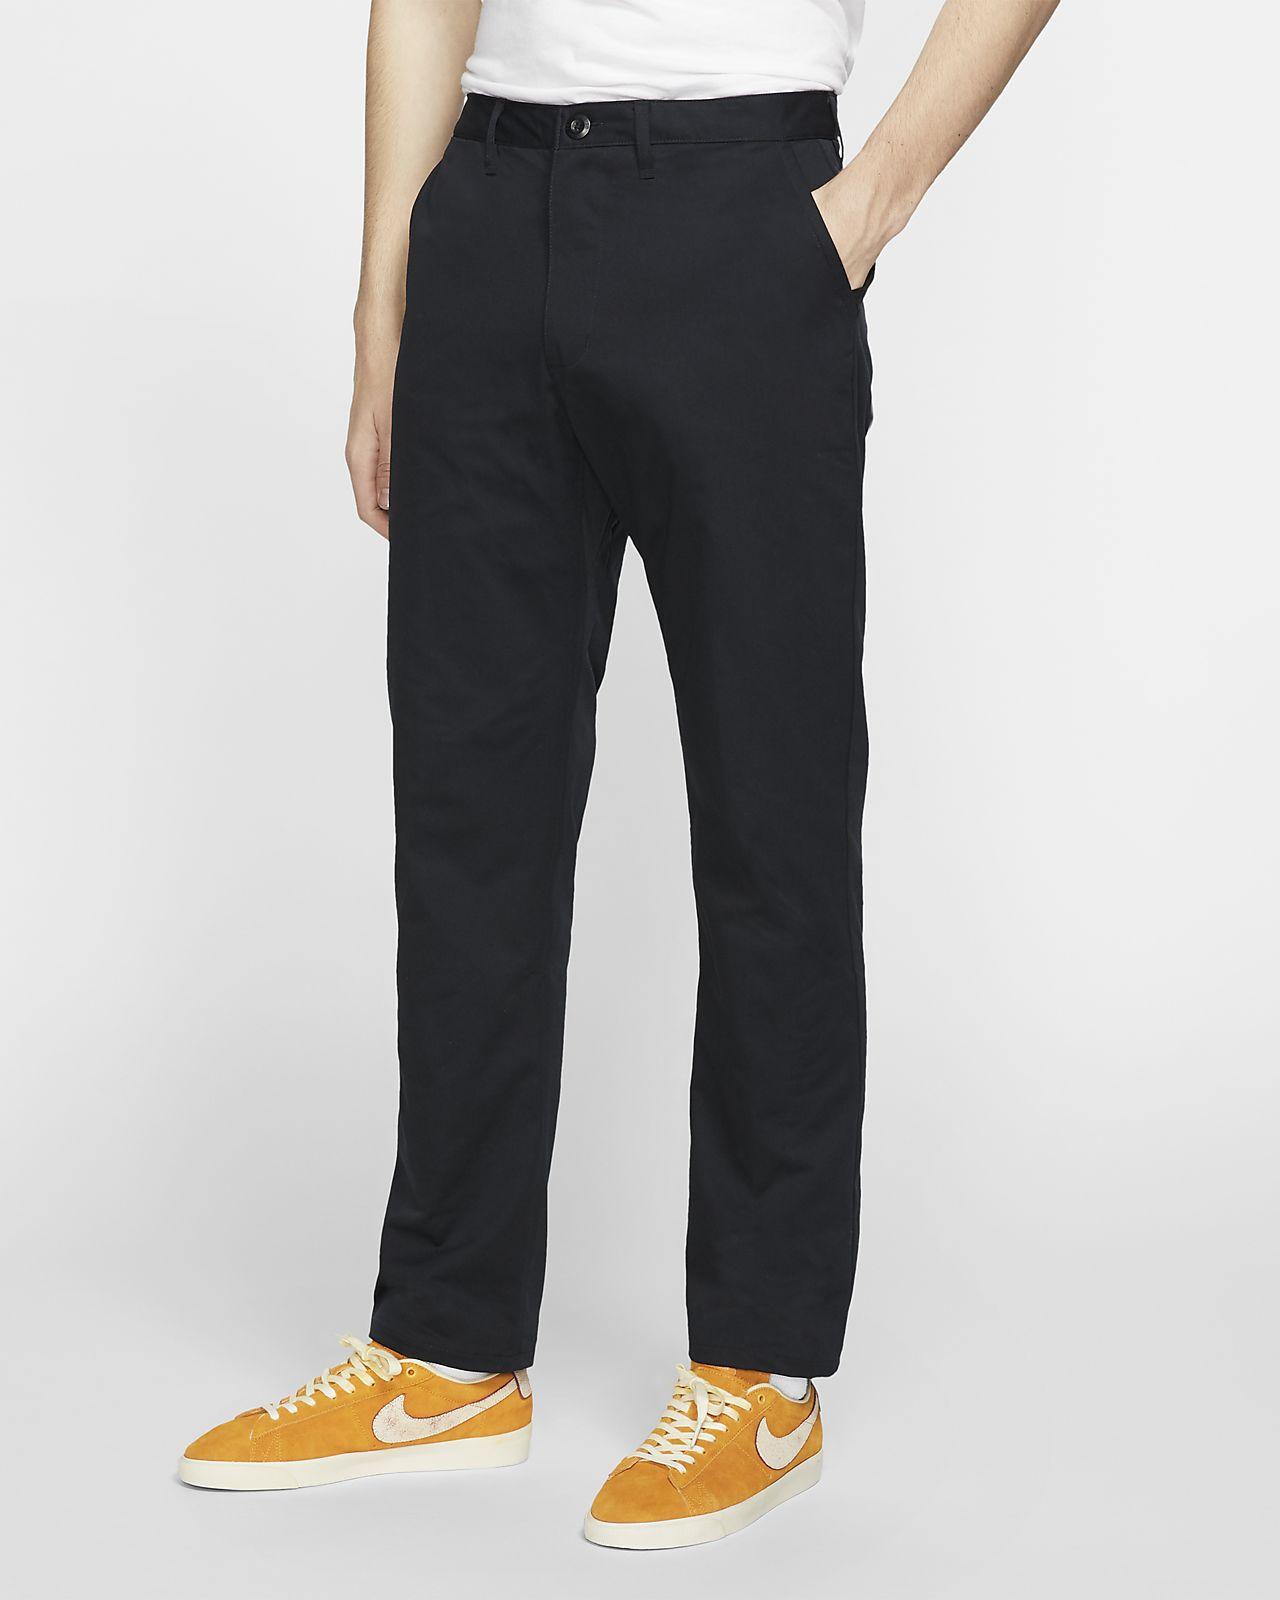 pretty nice a4824 4b532 ... Nike SB Dri-FIT FTM Men s Standard Fit Pants